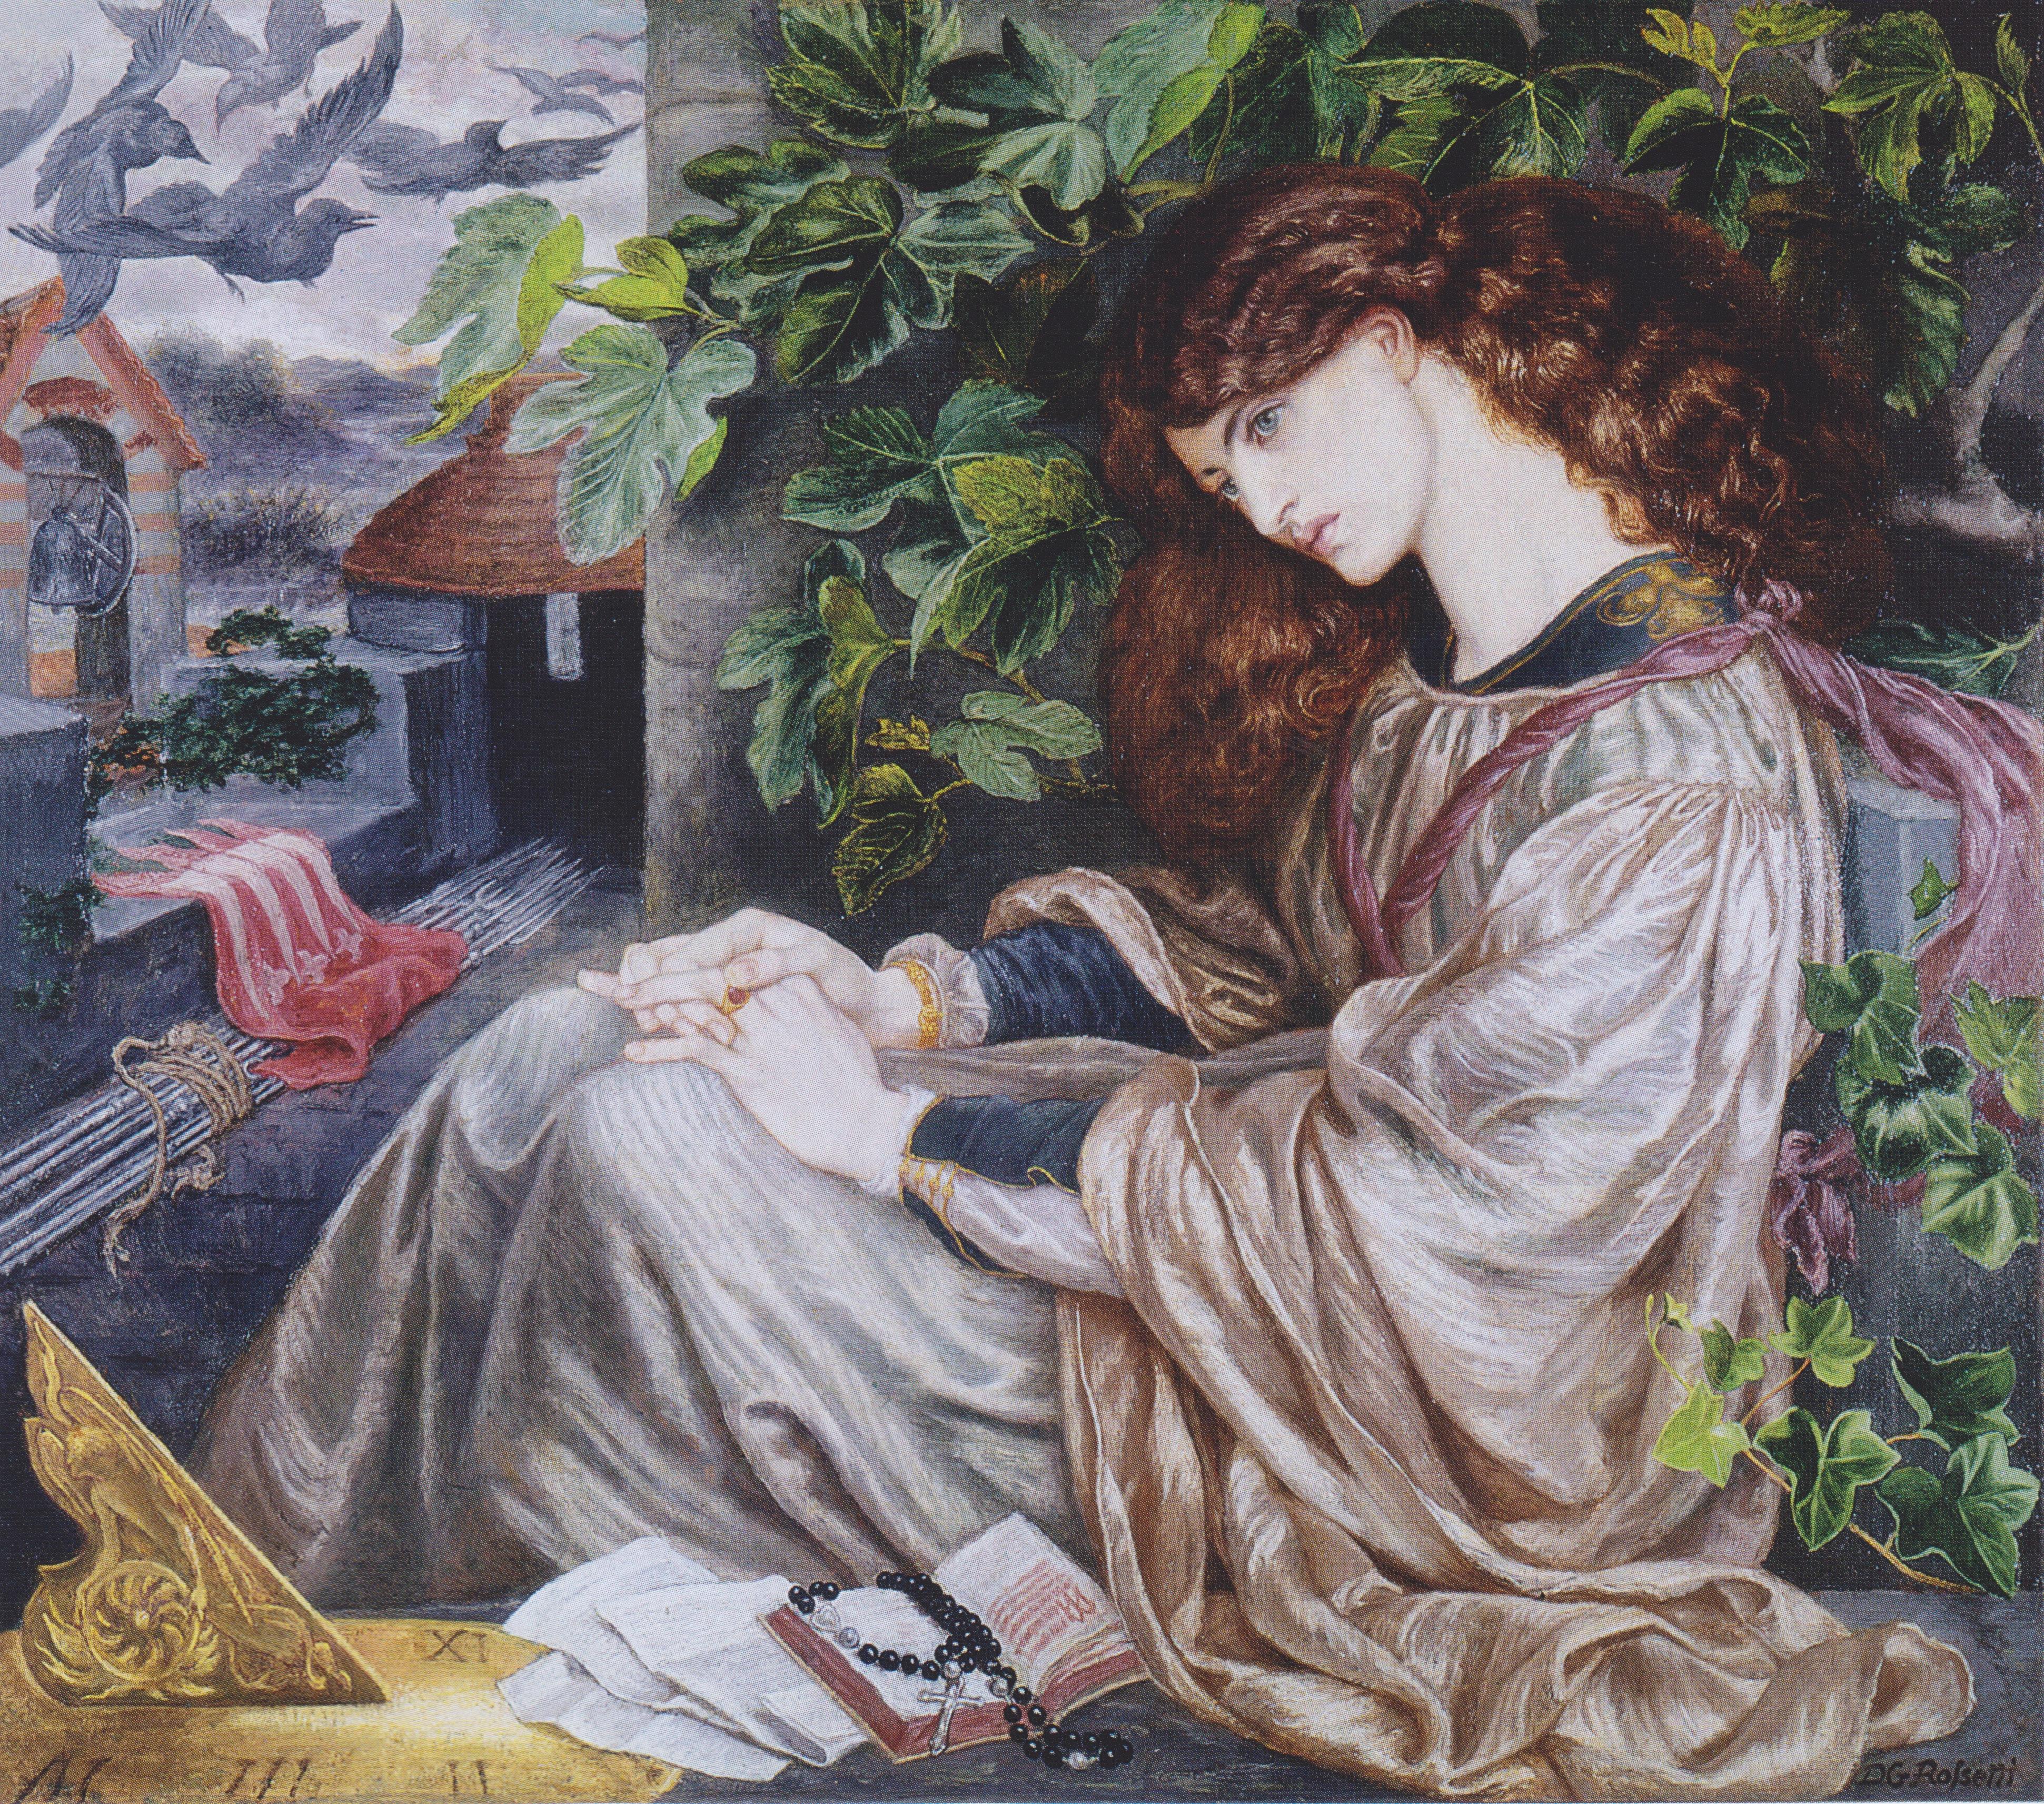 Dante Gabriel Rossetti, La Pia de Tolomei